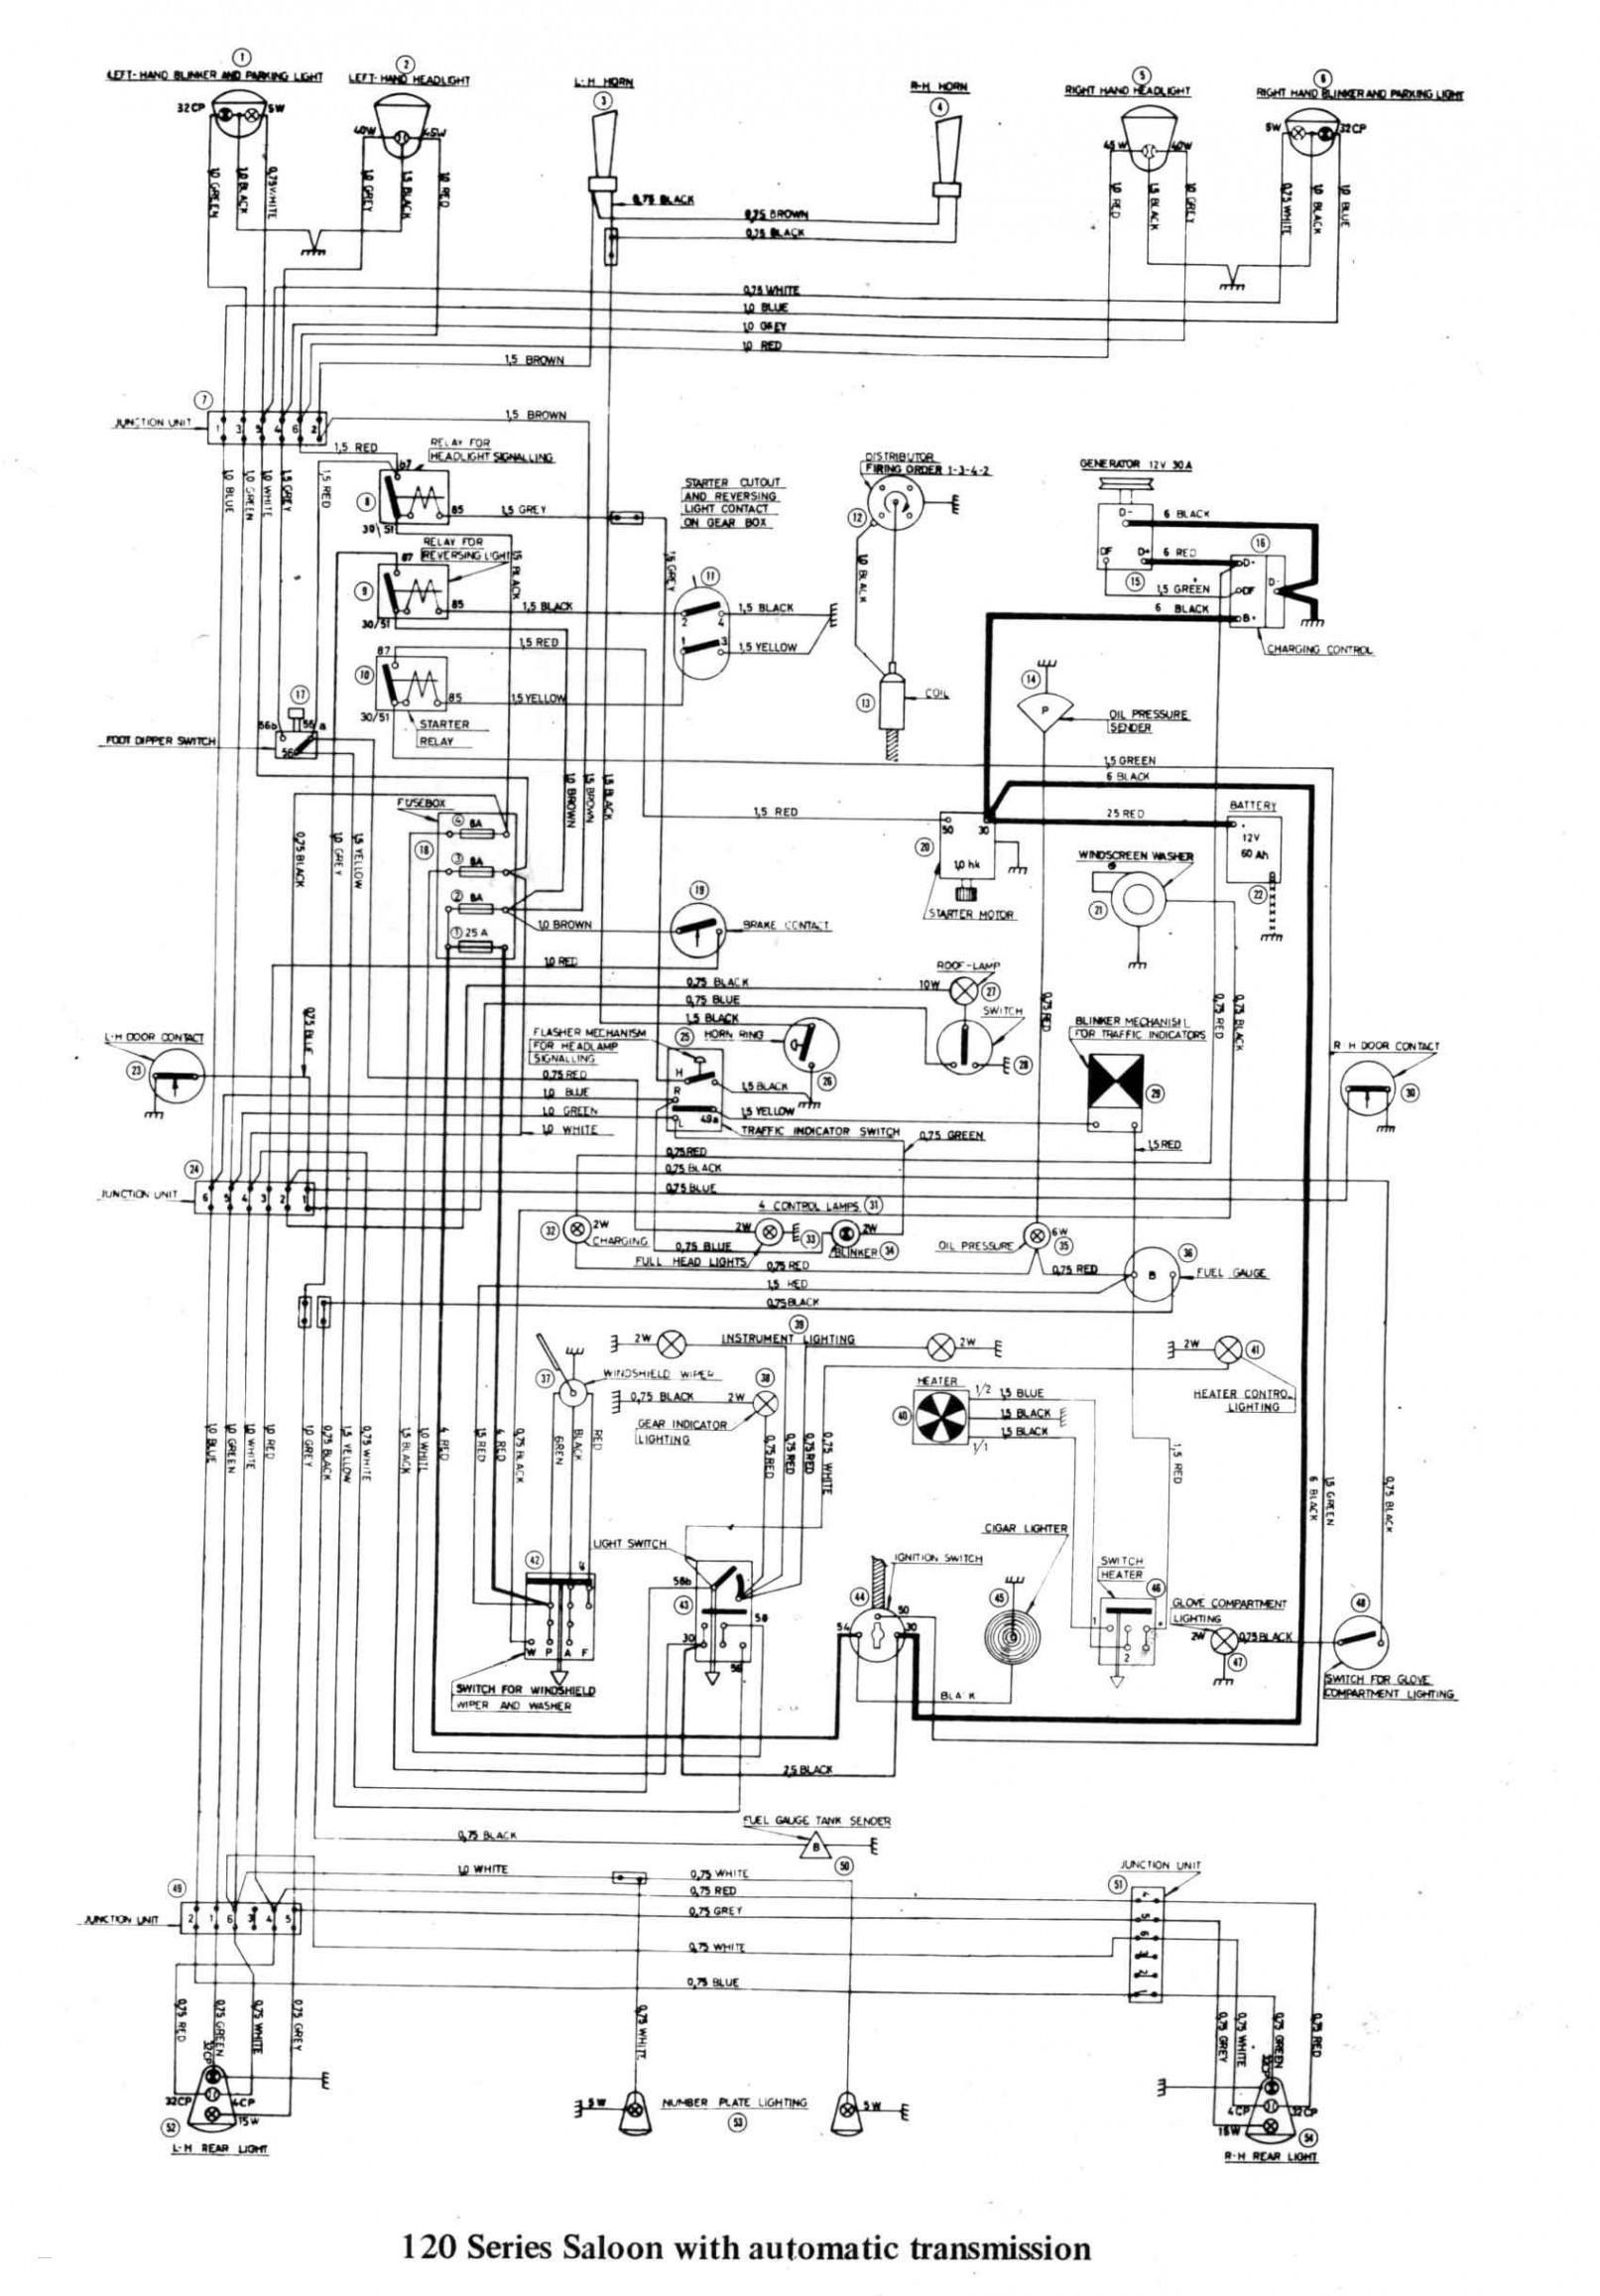 Serial Circuit Diagram – Serial Circuit Diagram Download Series Wiring Diagram Fresh Sw Em Od